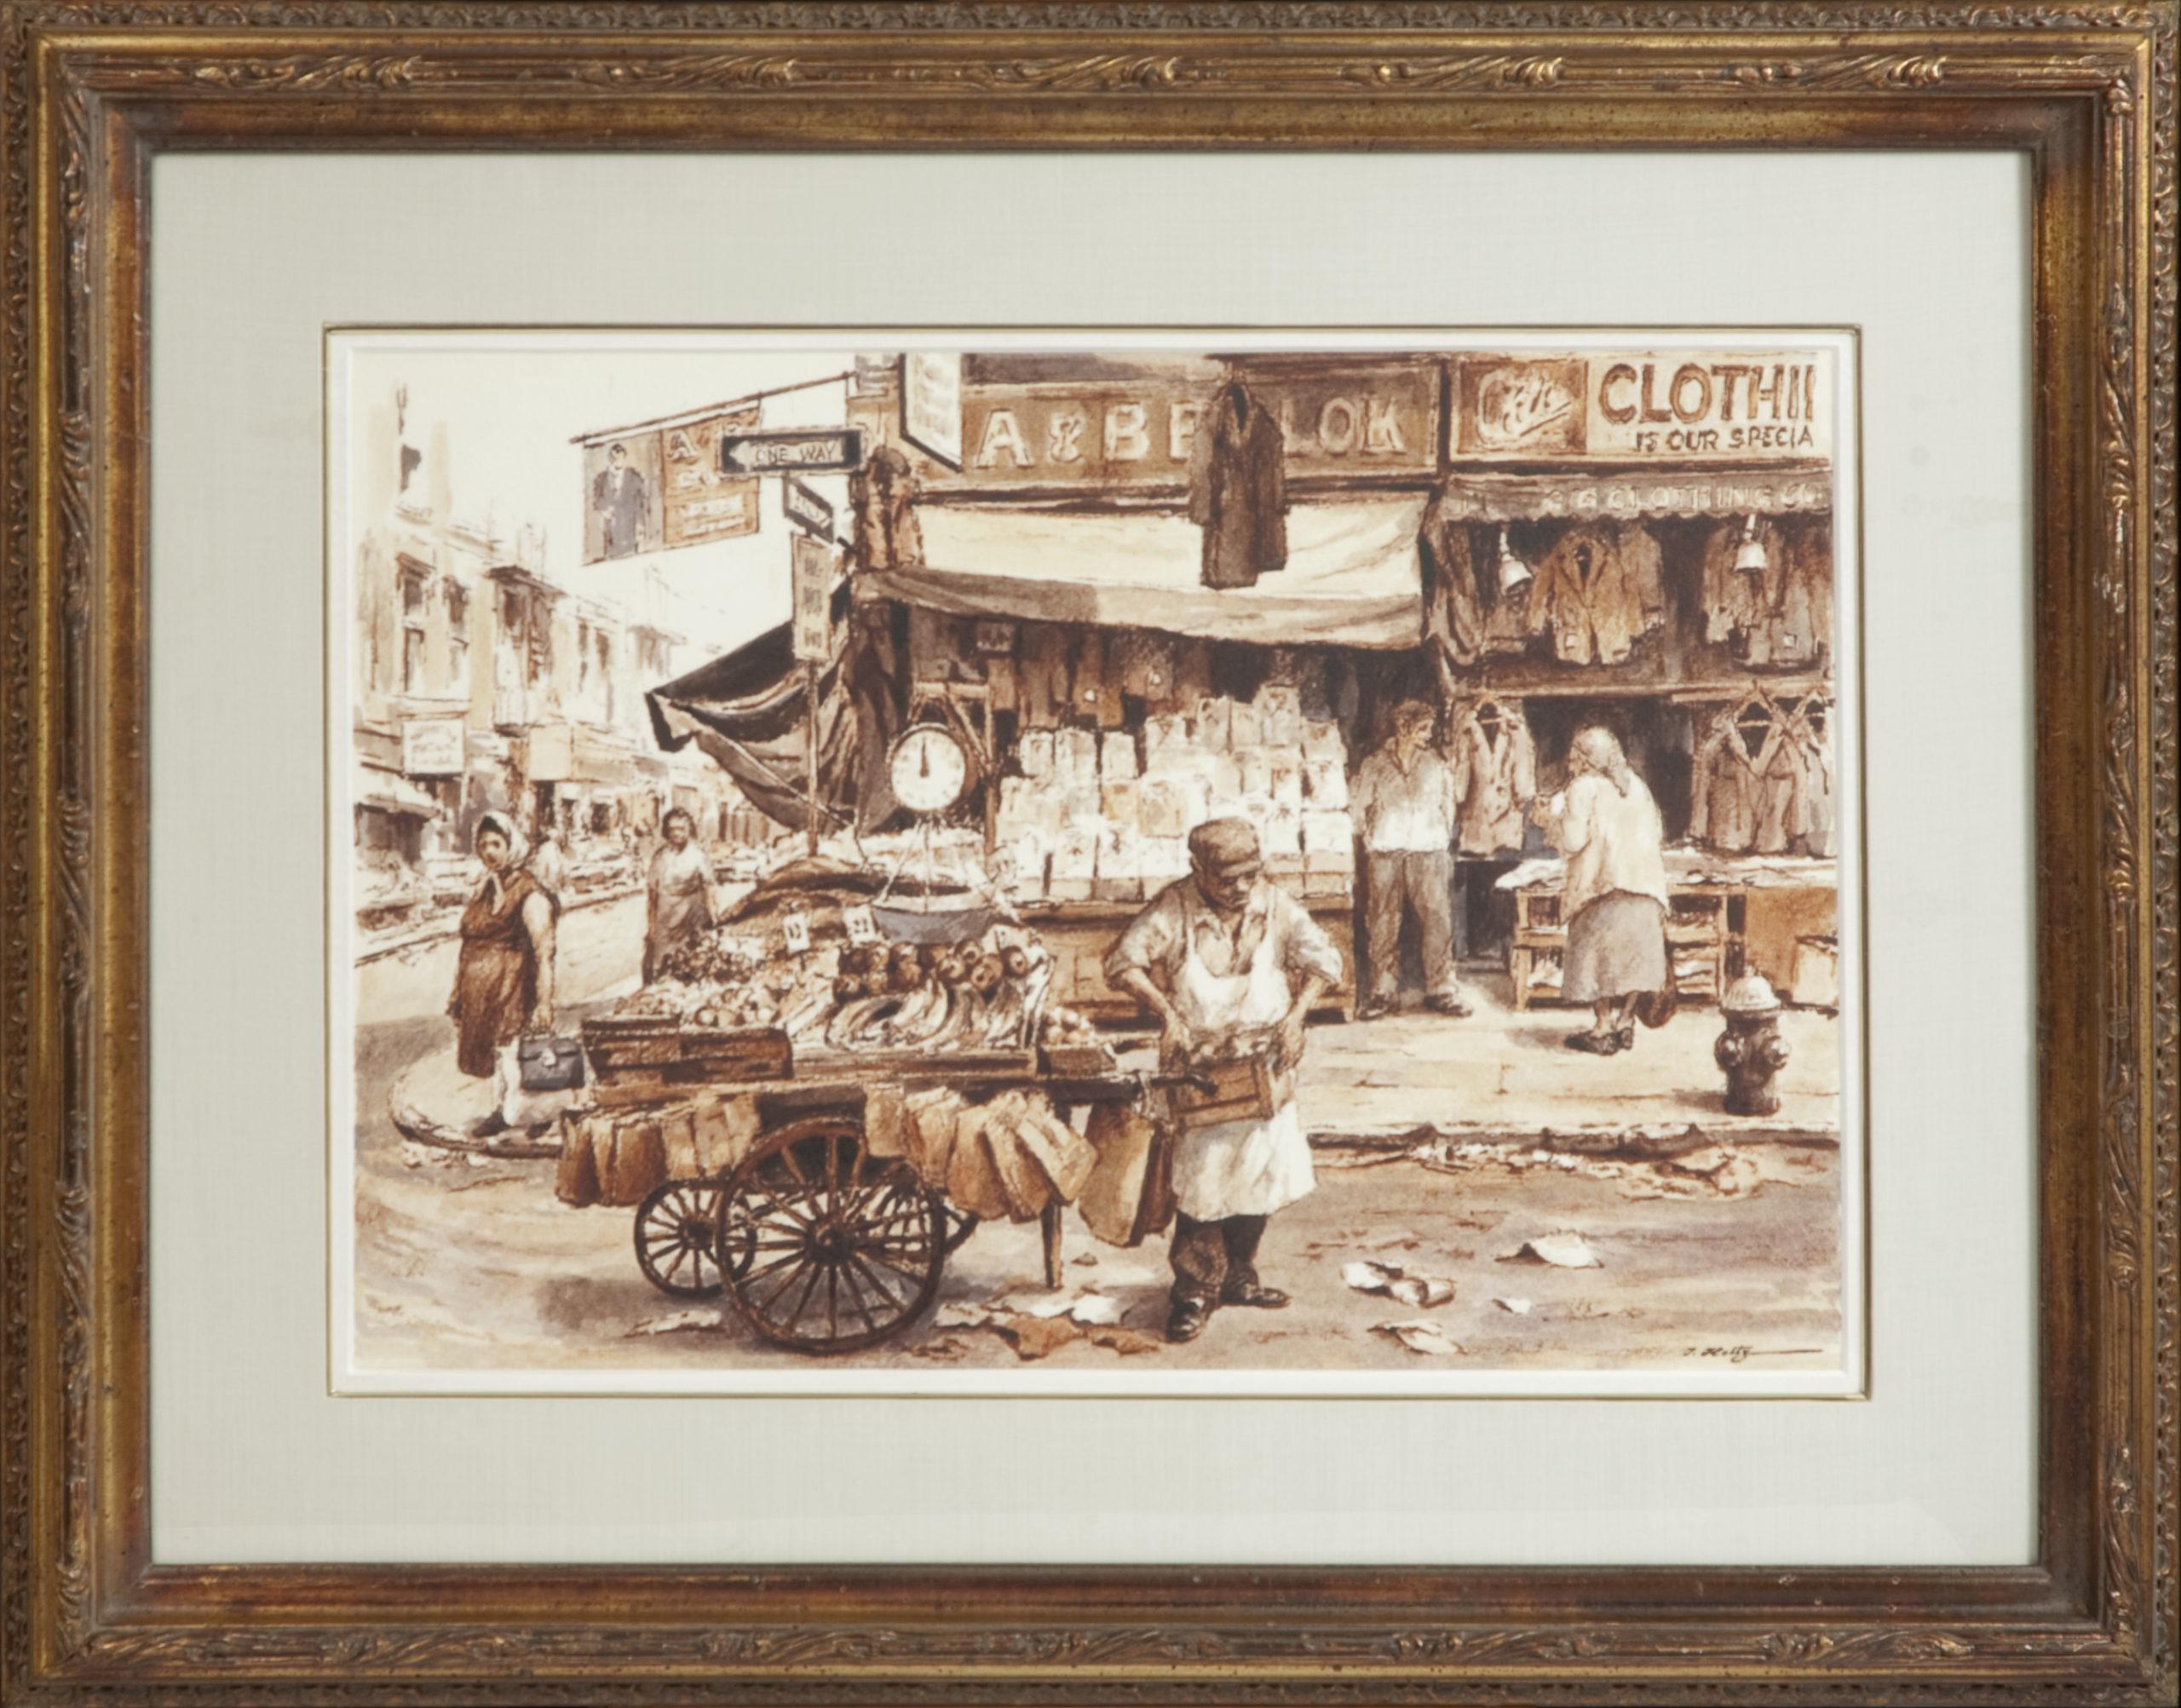 181 Street Market 1970 - Felt Pen and Wash - 22.5 x 15.25 - Frame: 33 x 26 x 1.75